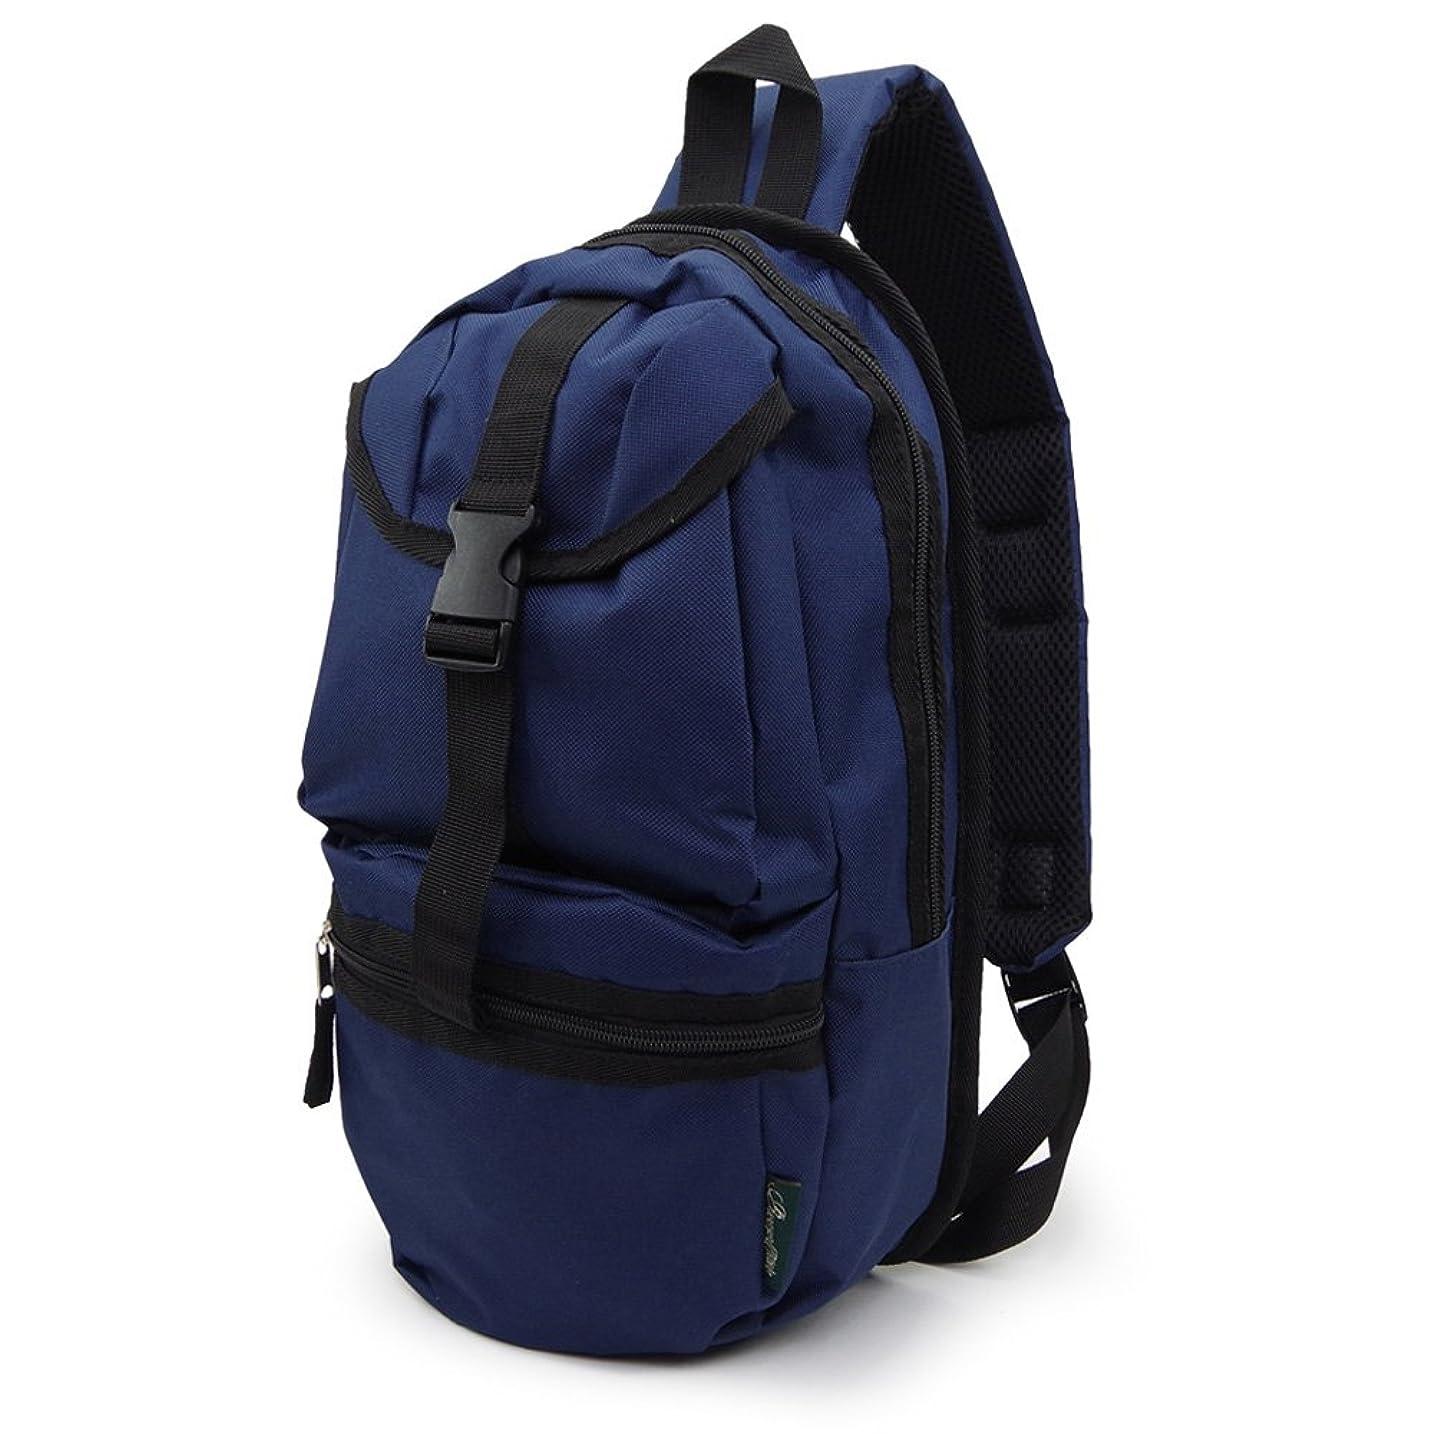 言い換えるとサージスクレーパー(Marib select) ボディバッグ 斜めがけバッグ フラップポケット たっぷりマチ iPad収納可 ワンショルダーバッグ 鞄 バッグ #c288